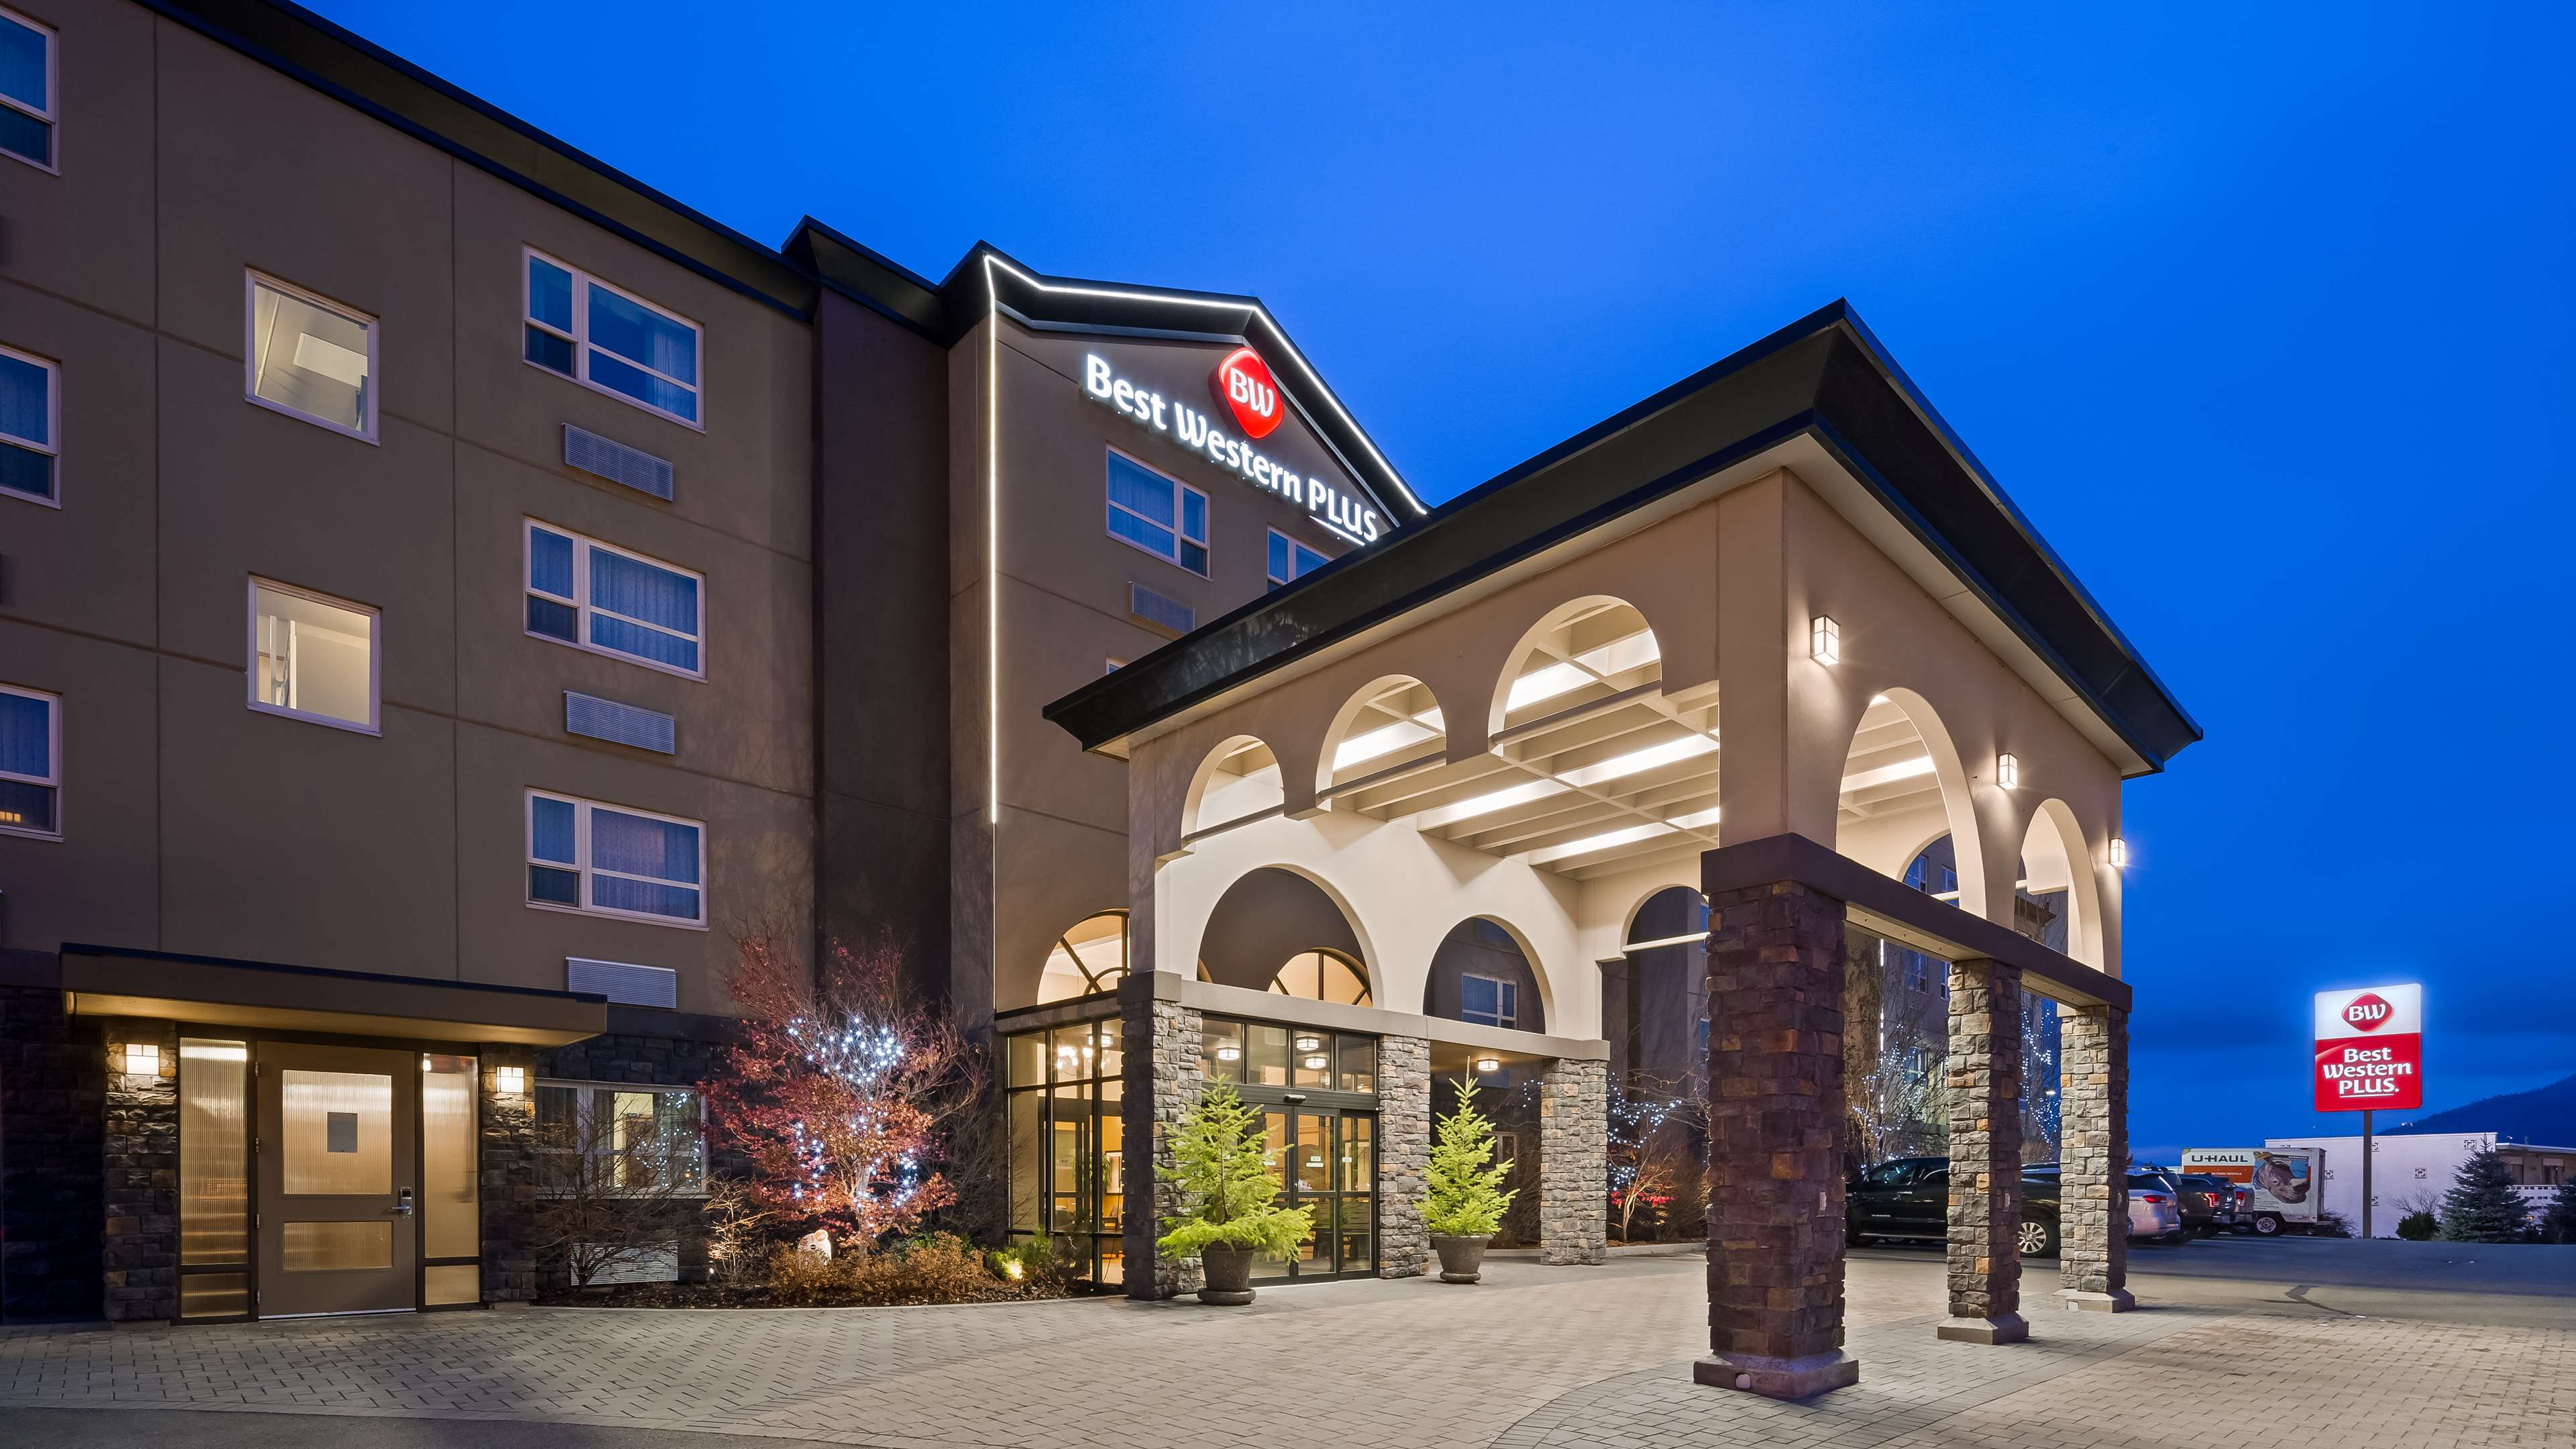 Best Western Hotels In Kamloops Bc